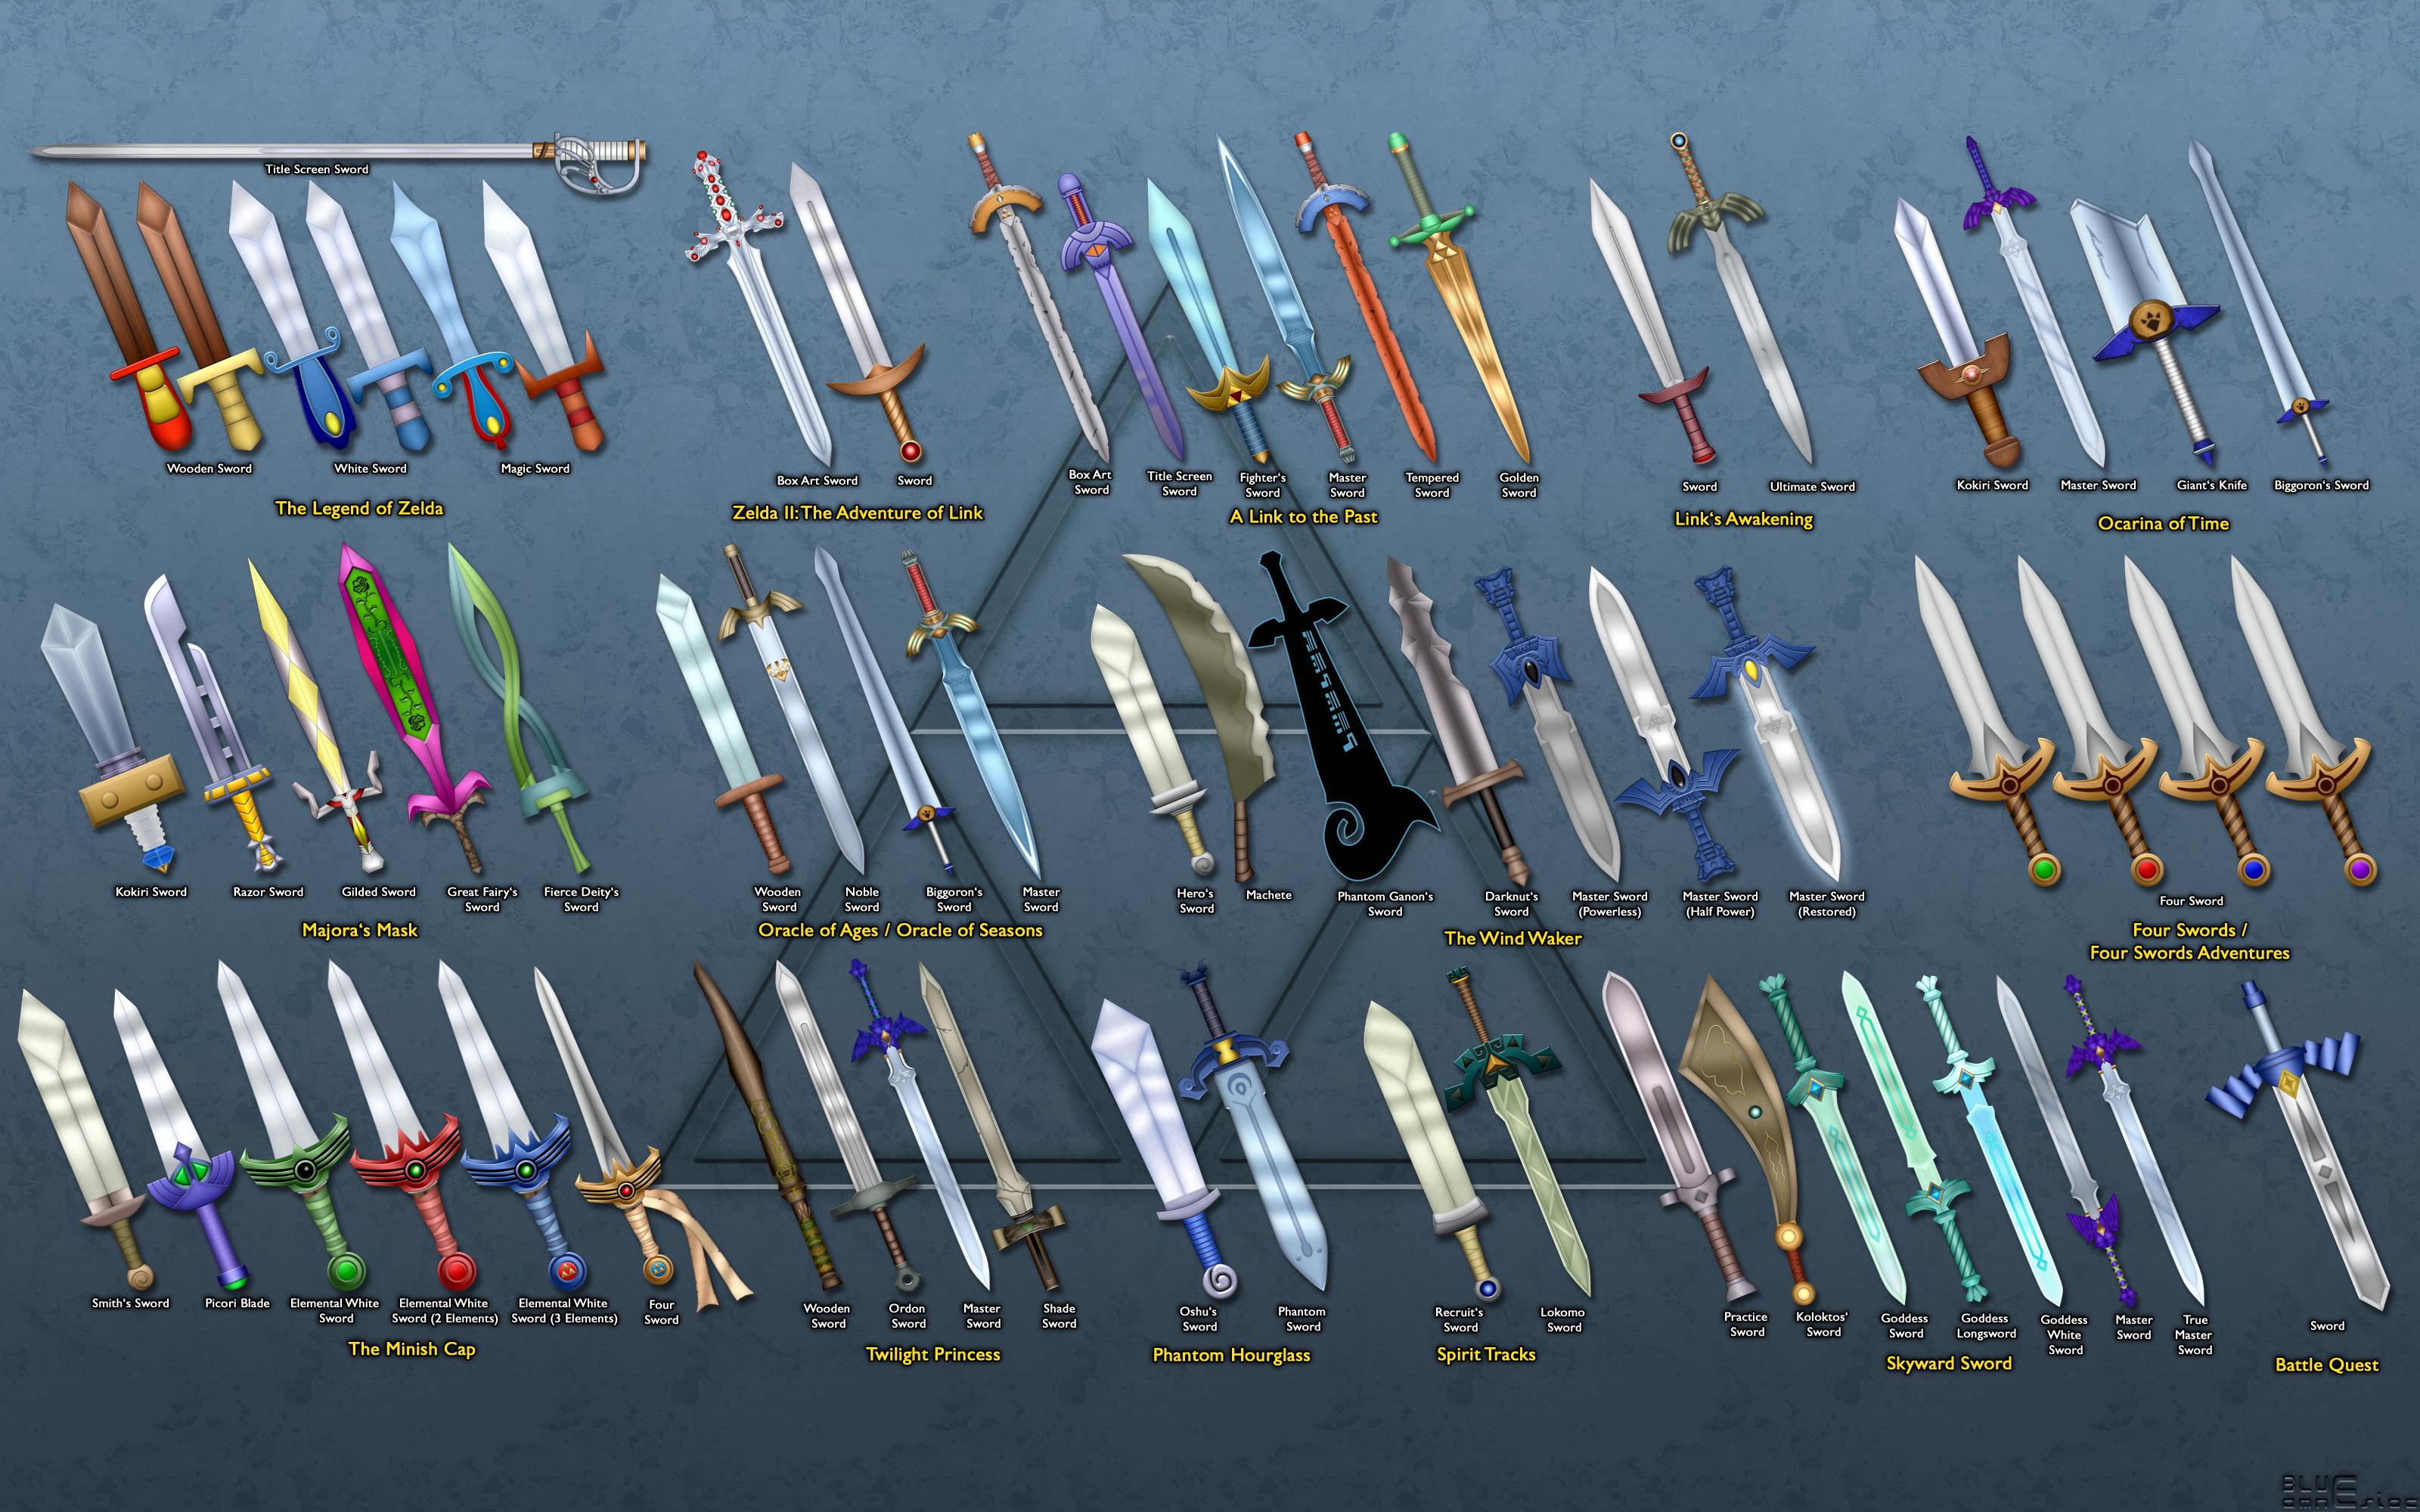 Legend Of Zelda Swords